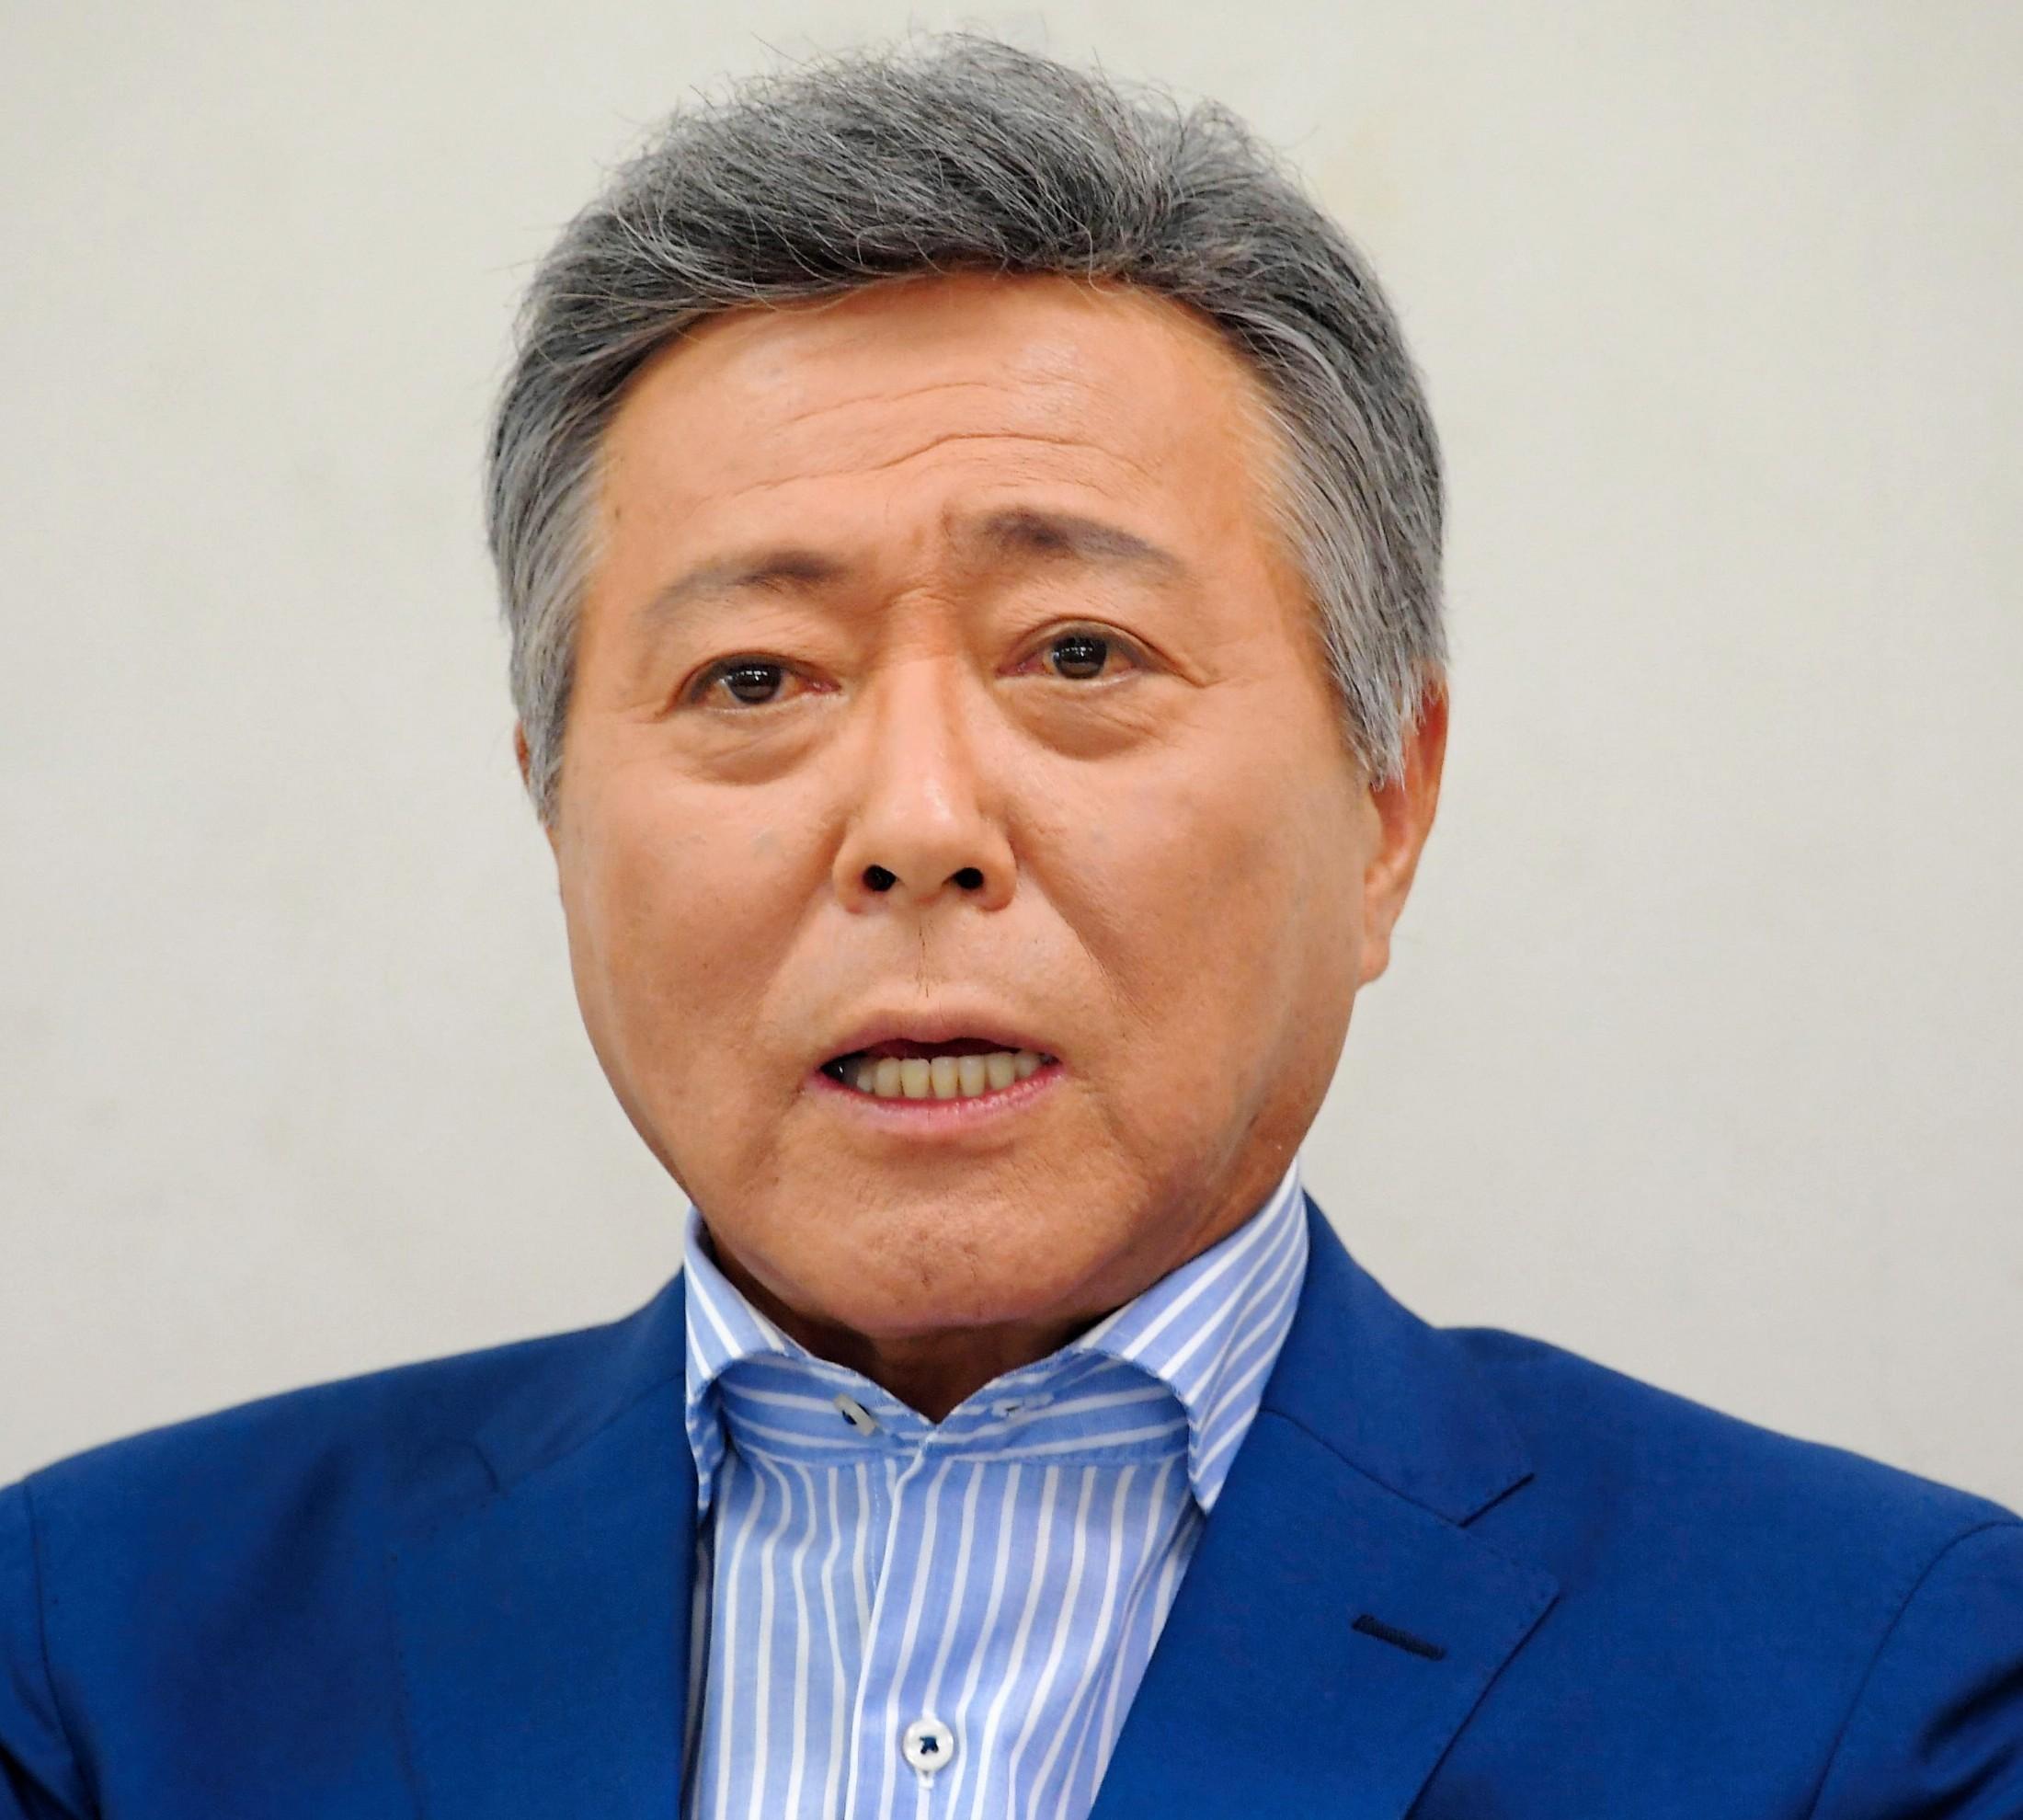 小倉智昭、緊急事態宣言受け自宅書斎から出演「私自身がリスクある高齢者」